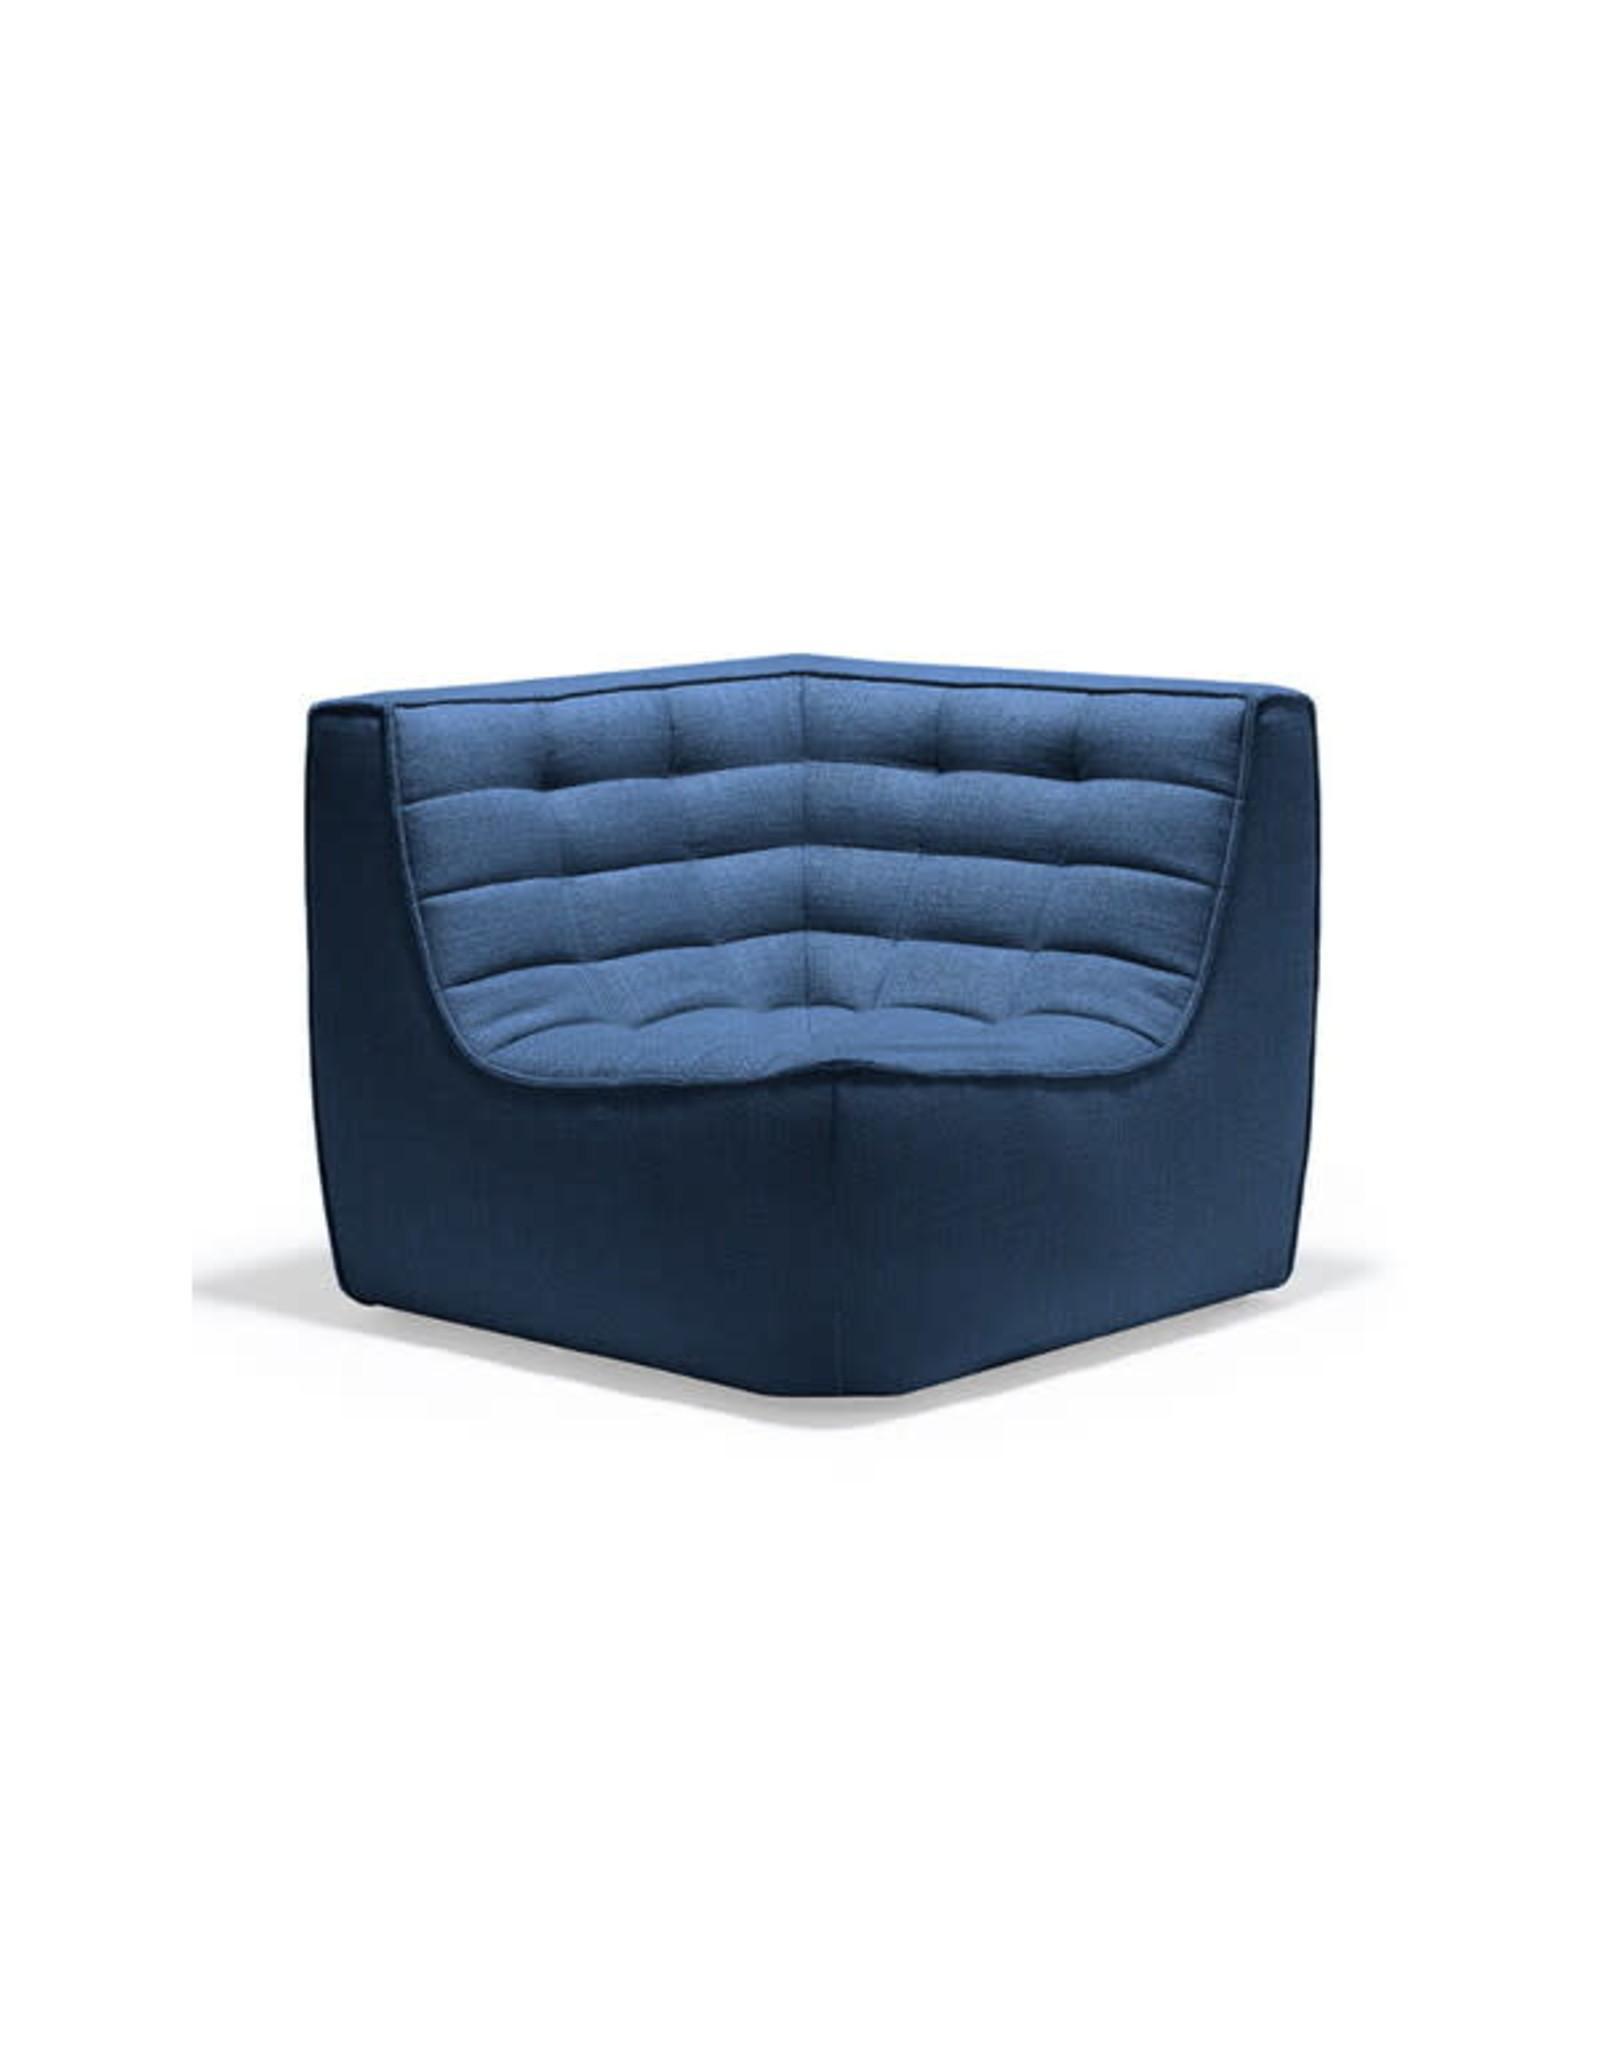 Ethnicraft N701 Sofa Corner - Blue